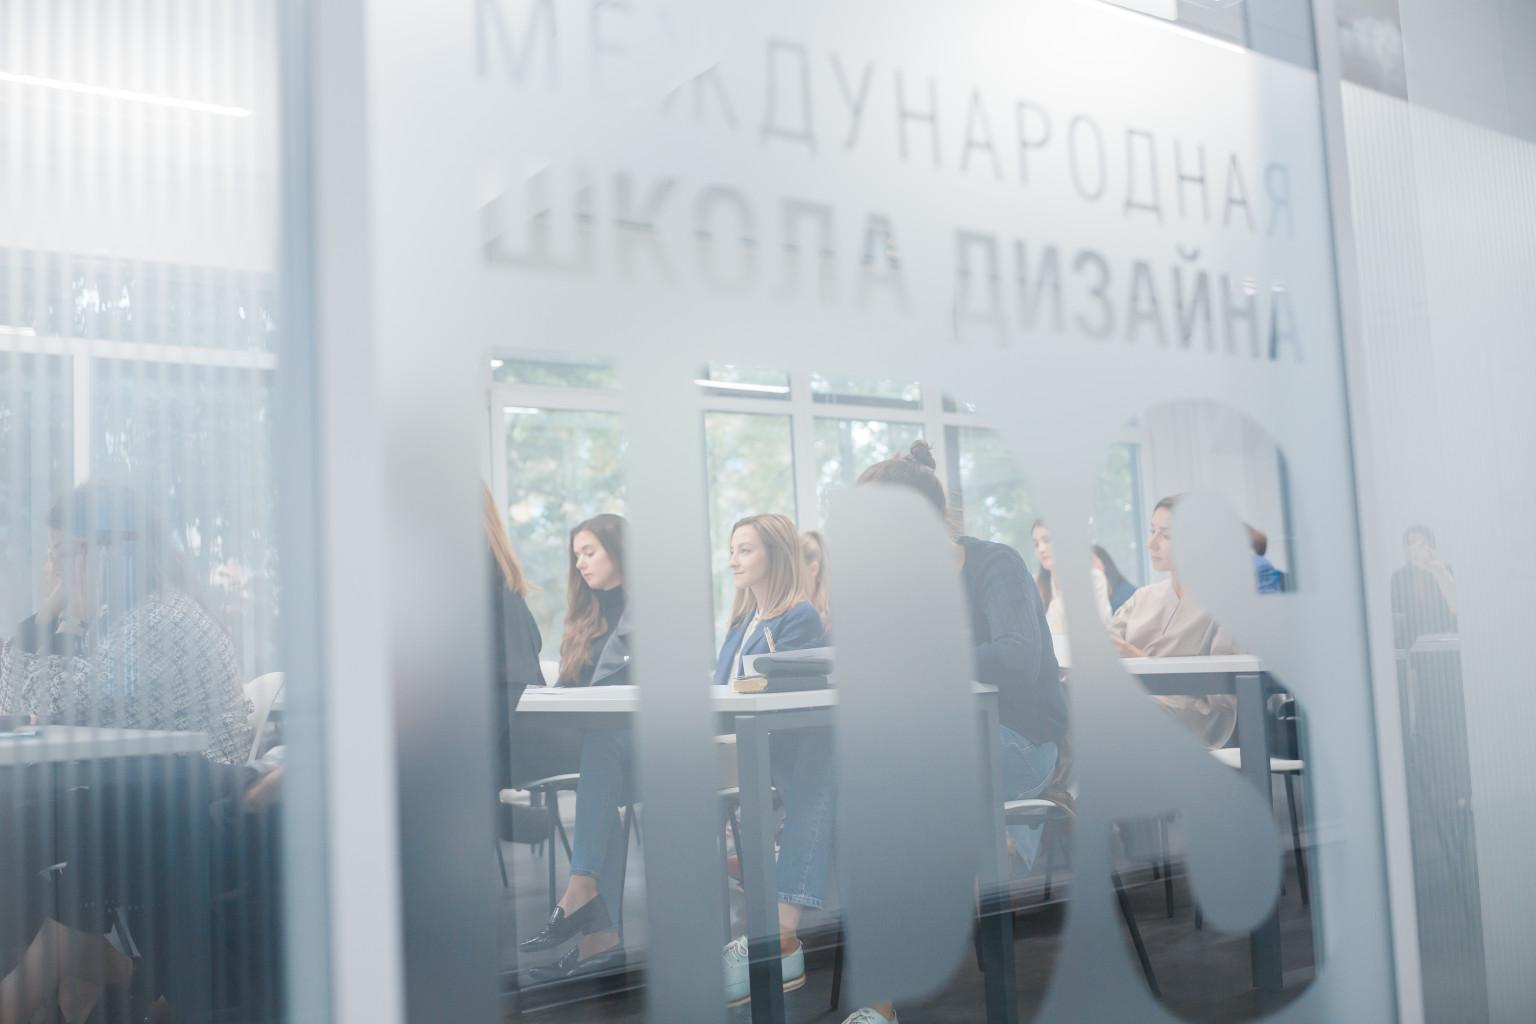 Новость День открытых дверей в IDS-Петербург —ключ к знаниям получил каждый абитуриент